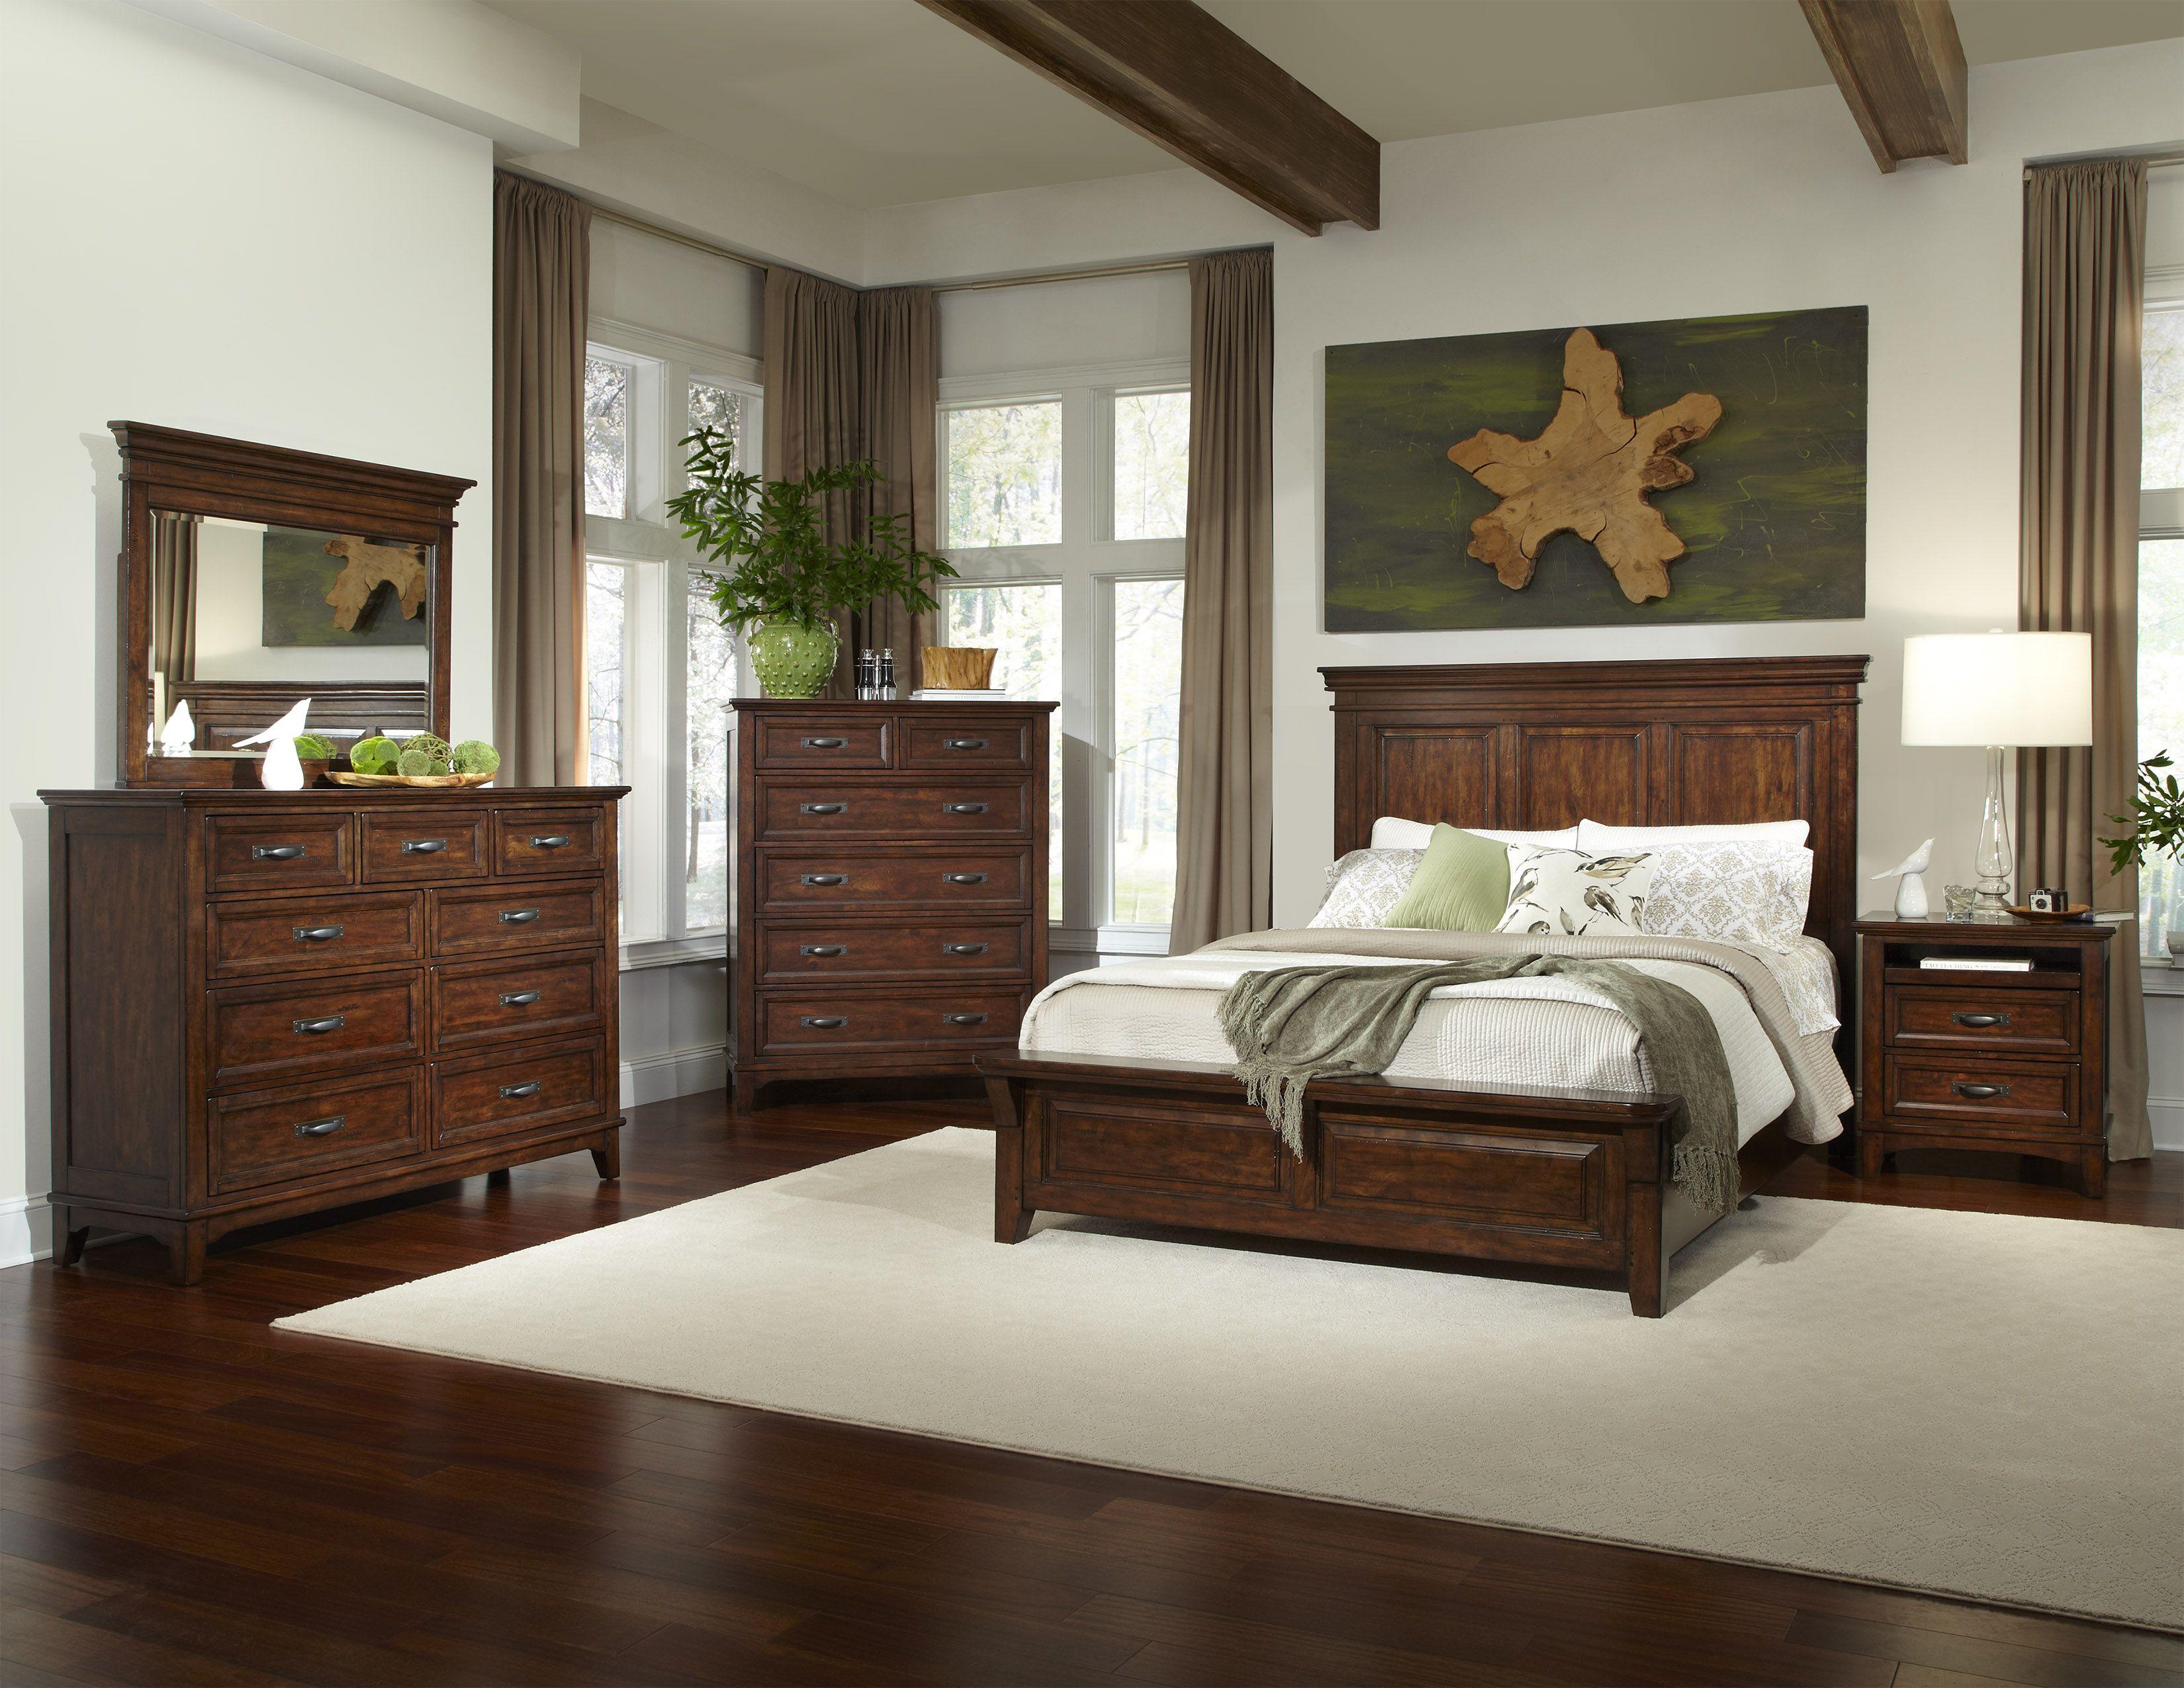 Star valley bedroom set bedroom furniture pinterest bedrooms